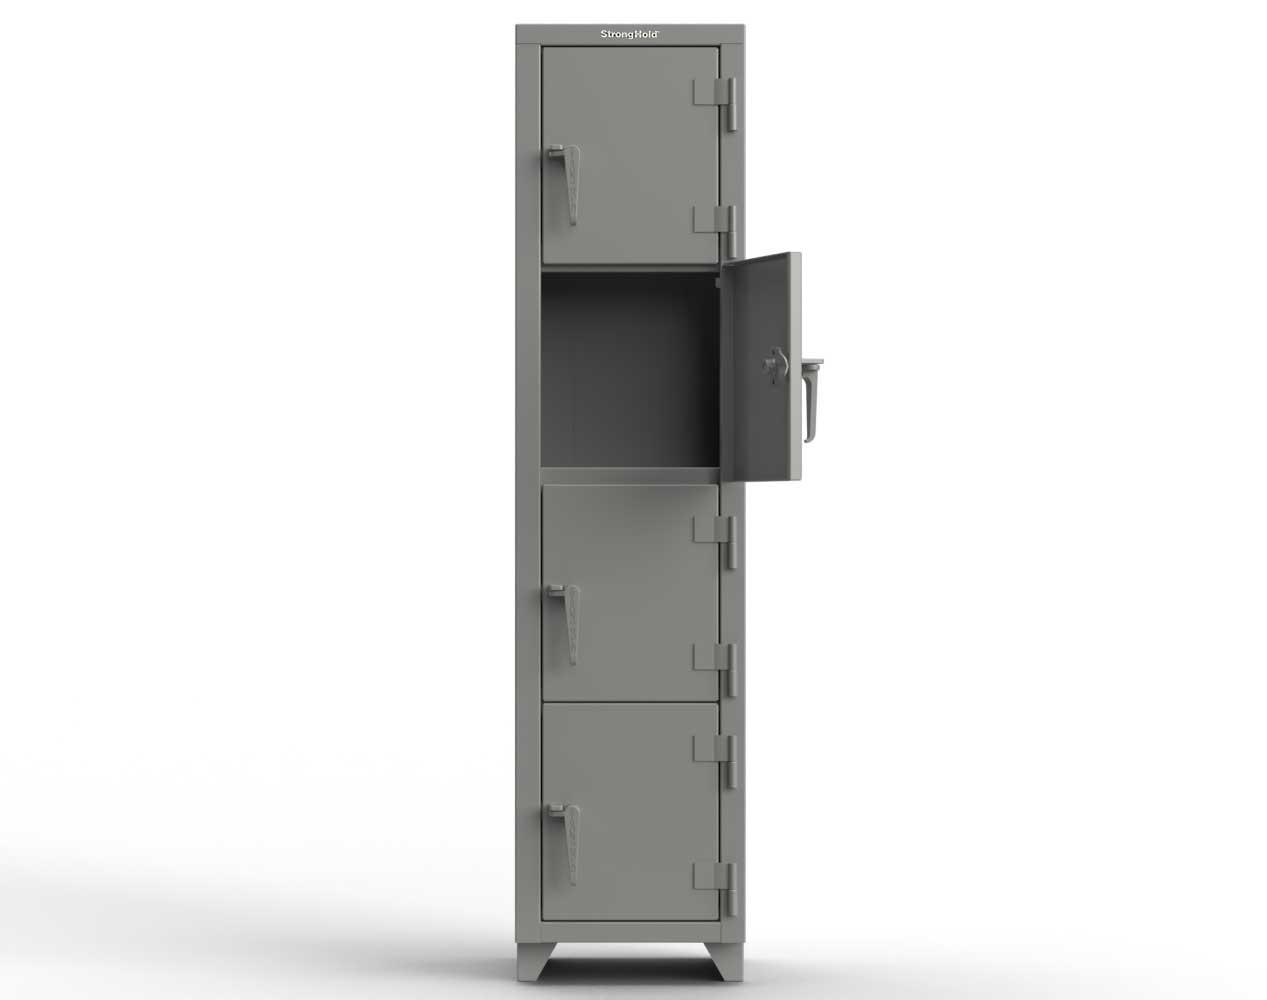 Extra Heavy Duty 14 GA 4-Tier Locker, 4 Compartments – 18 in. W x 18 in. D x 75 in. H